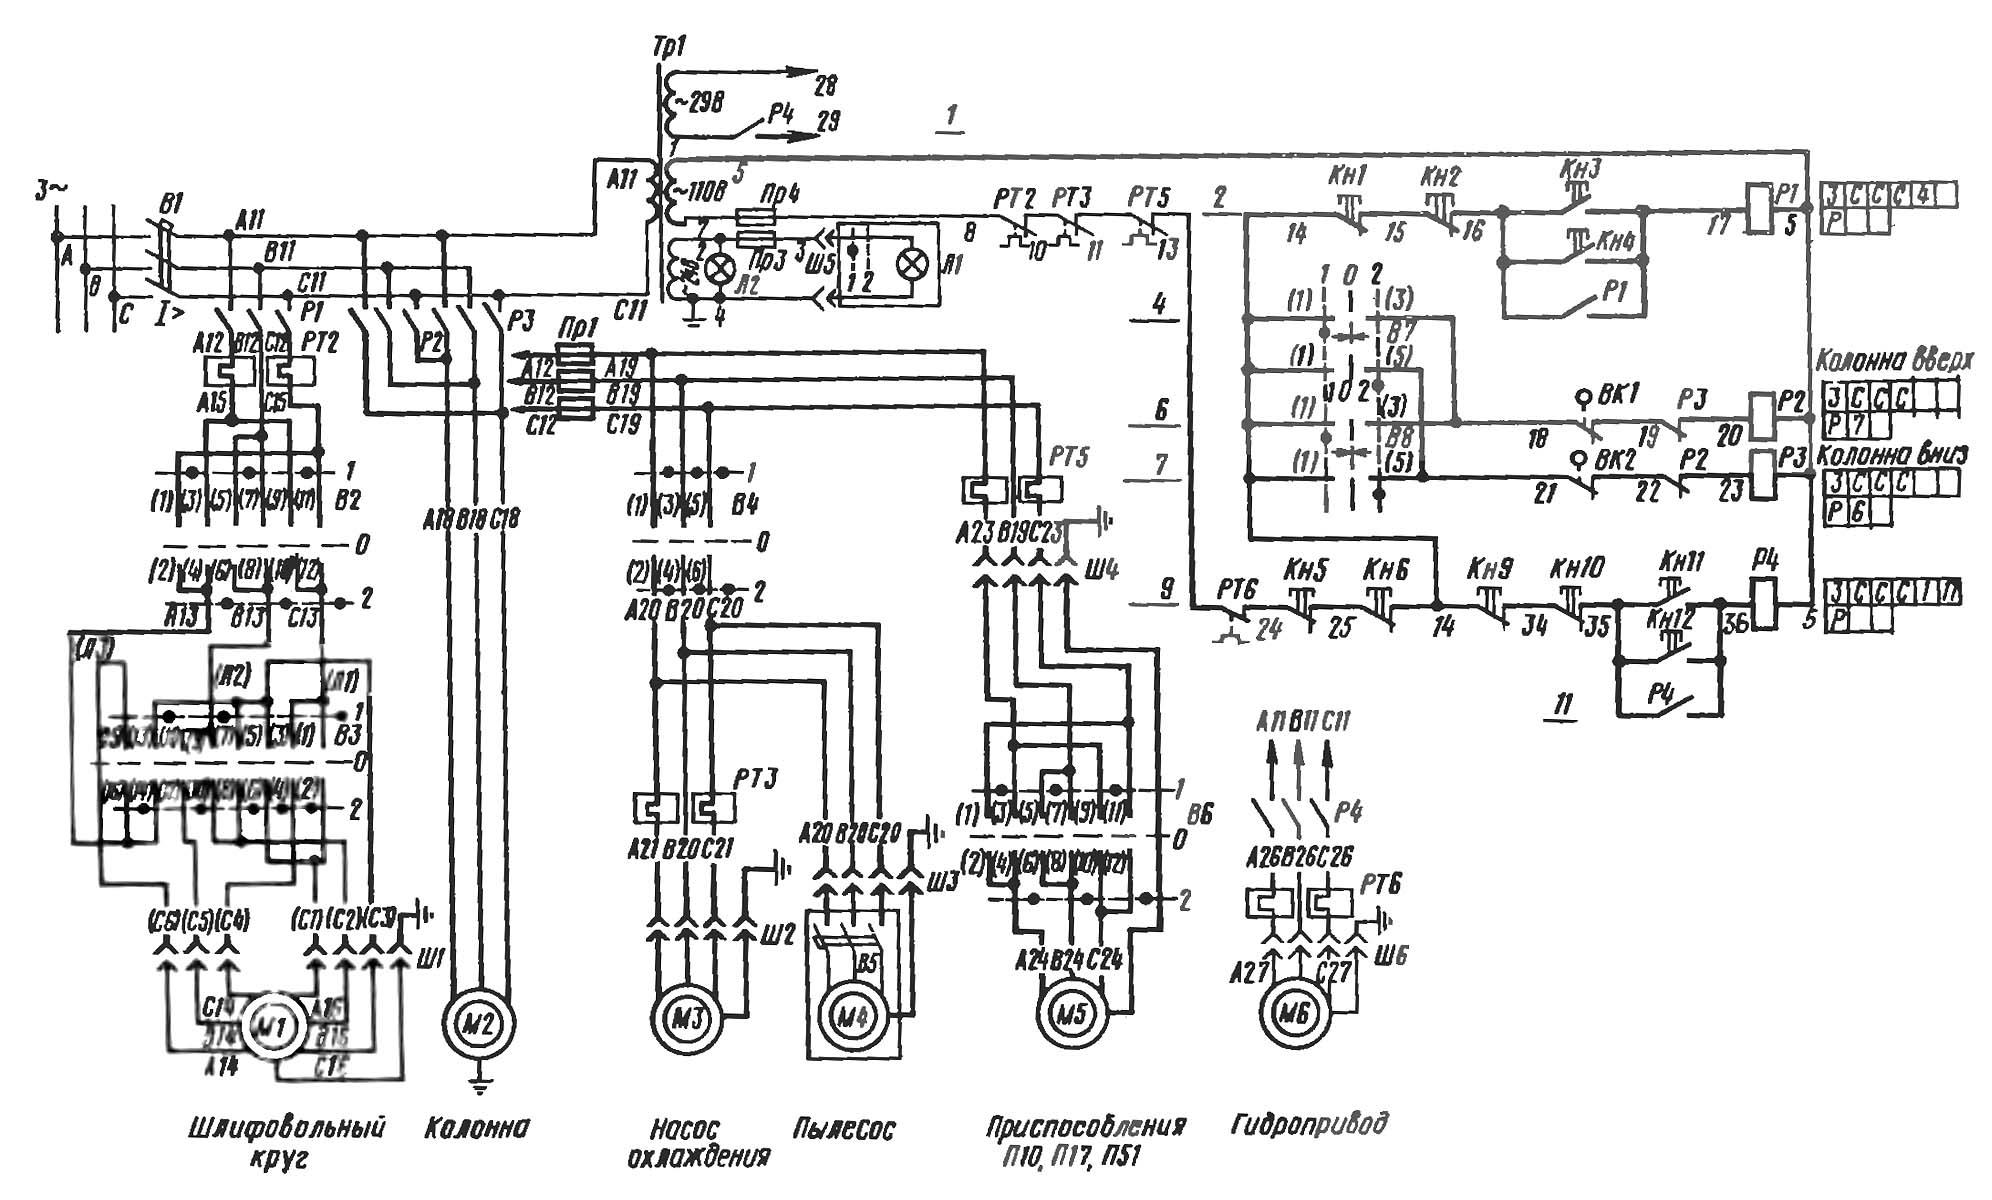 Принципиальная электрическая схема наждачного станка Сайт радиолюбителей - Экономия и безопасность при